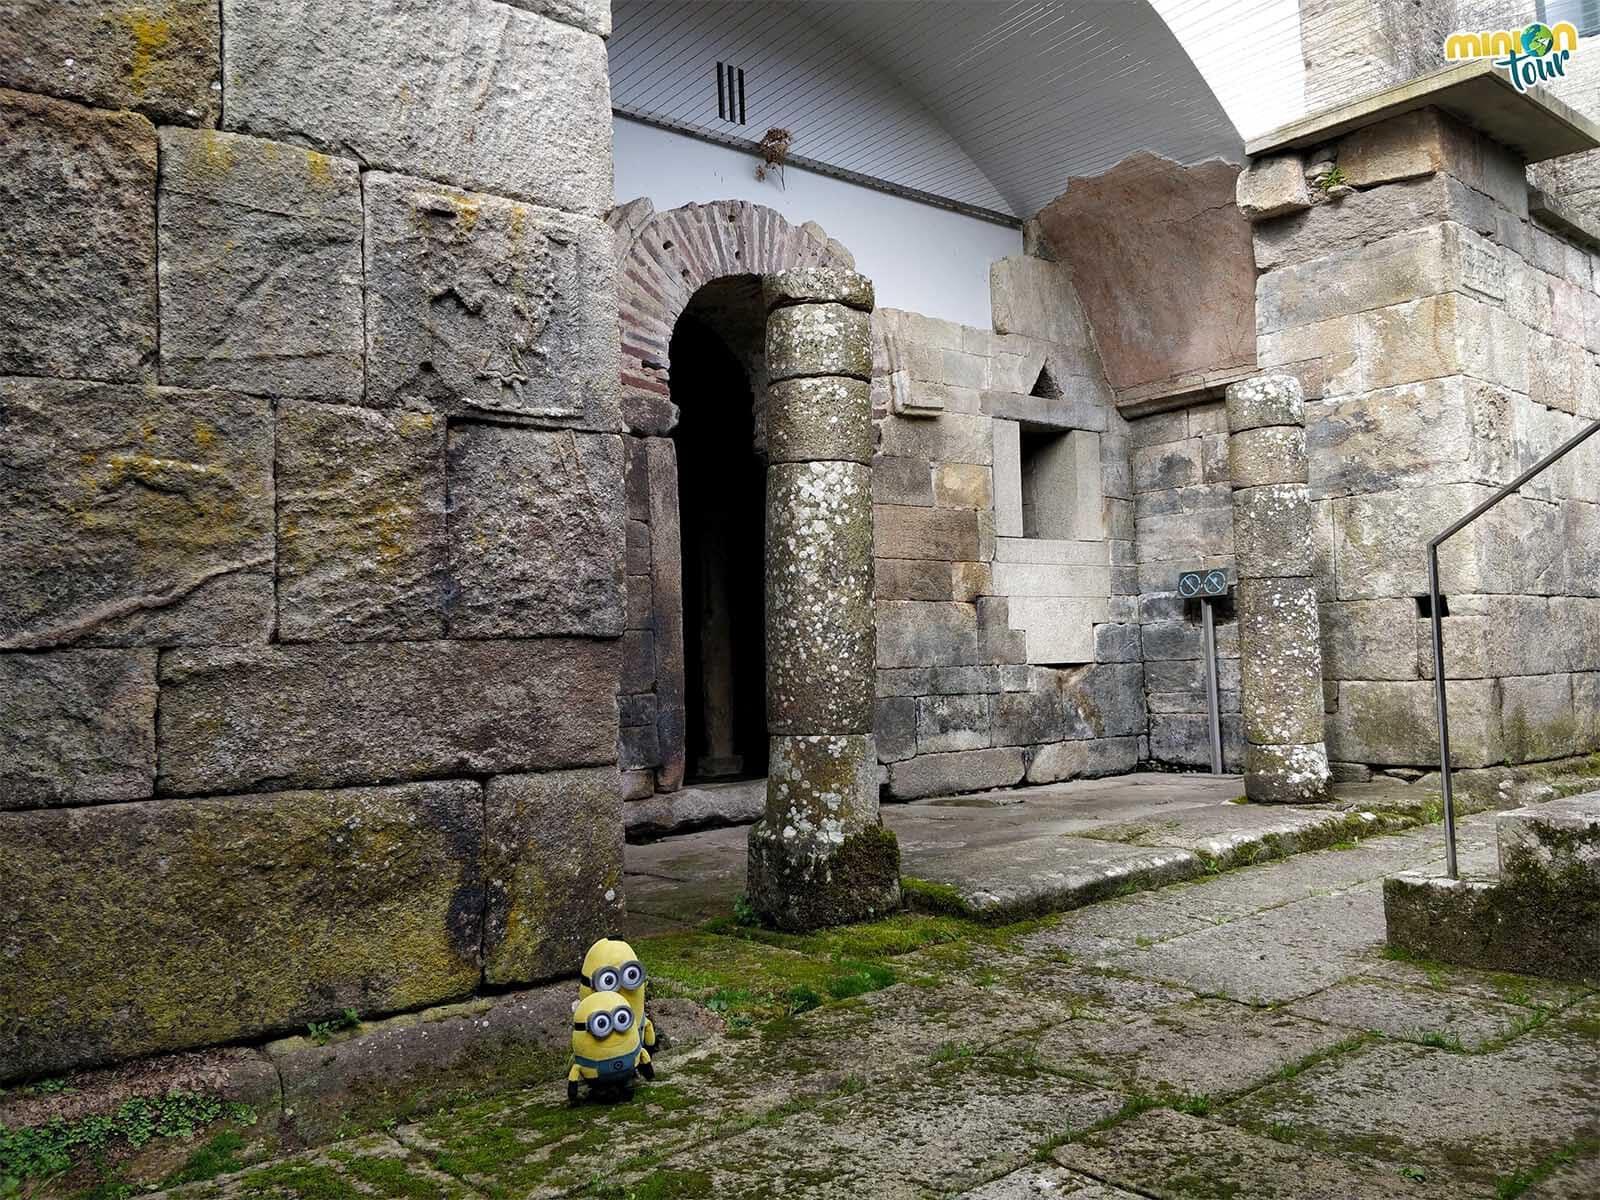 Intentado entender qué quieren decirnos los grabados de Santa Eulalia de Bóveda